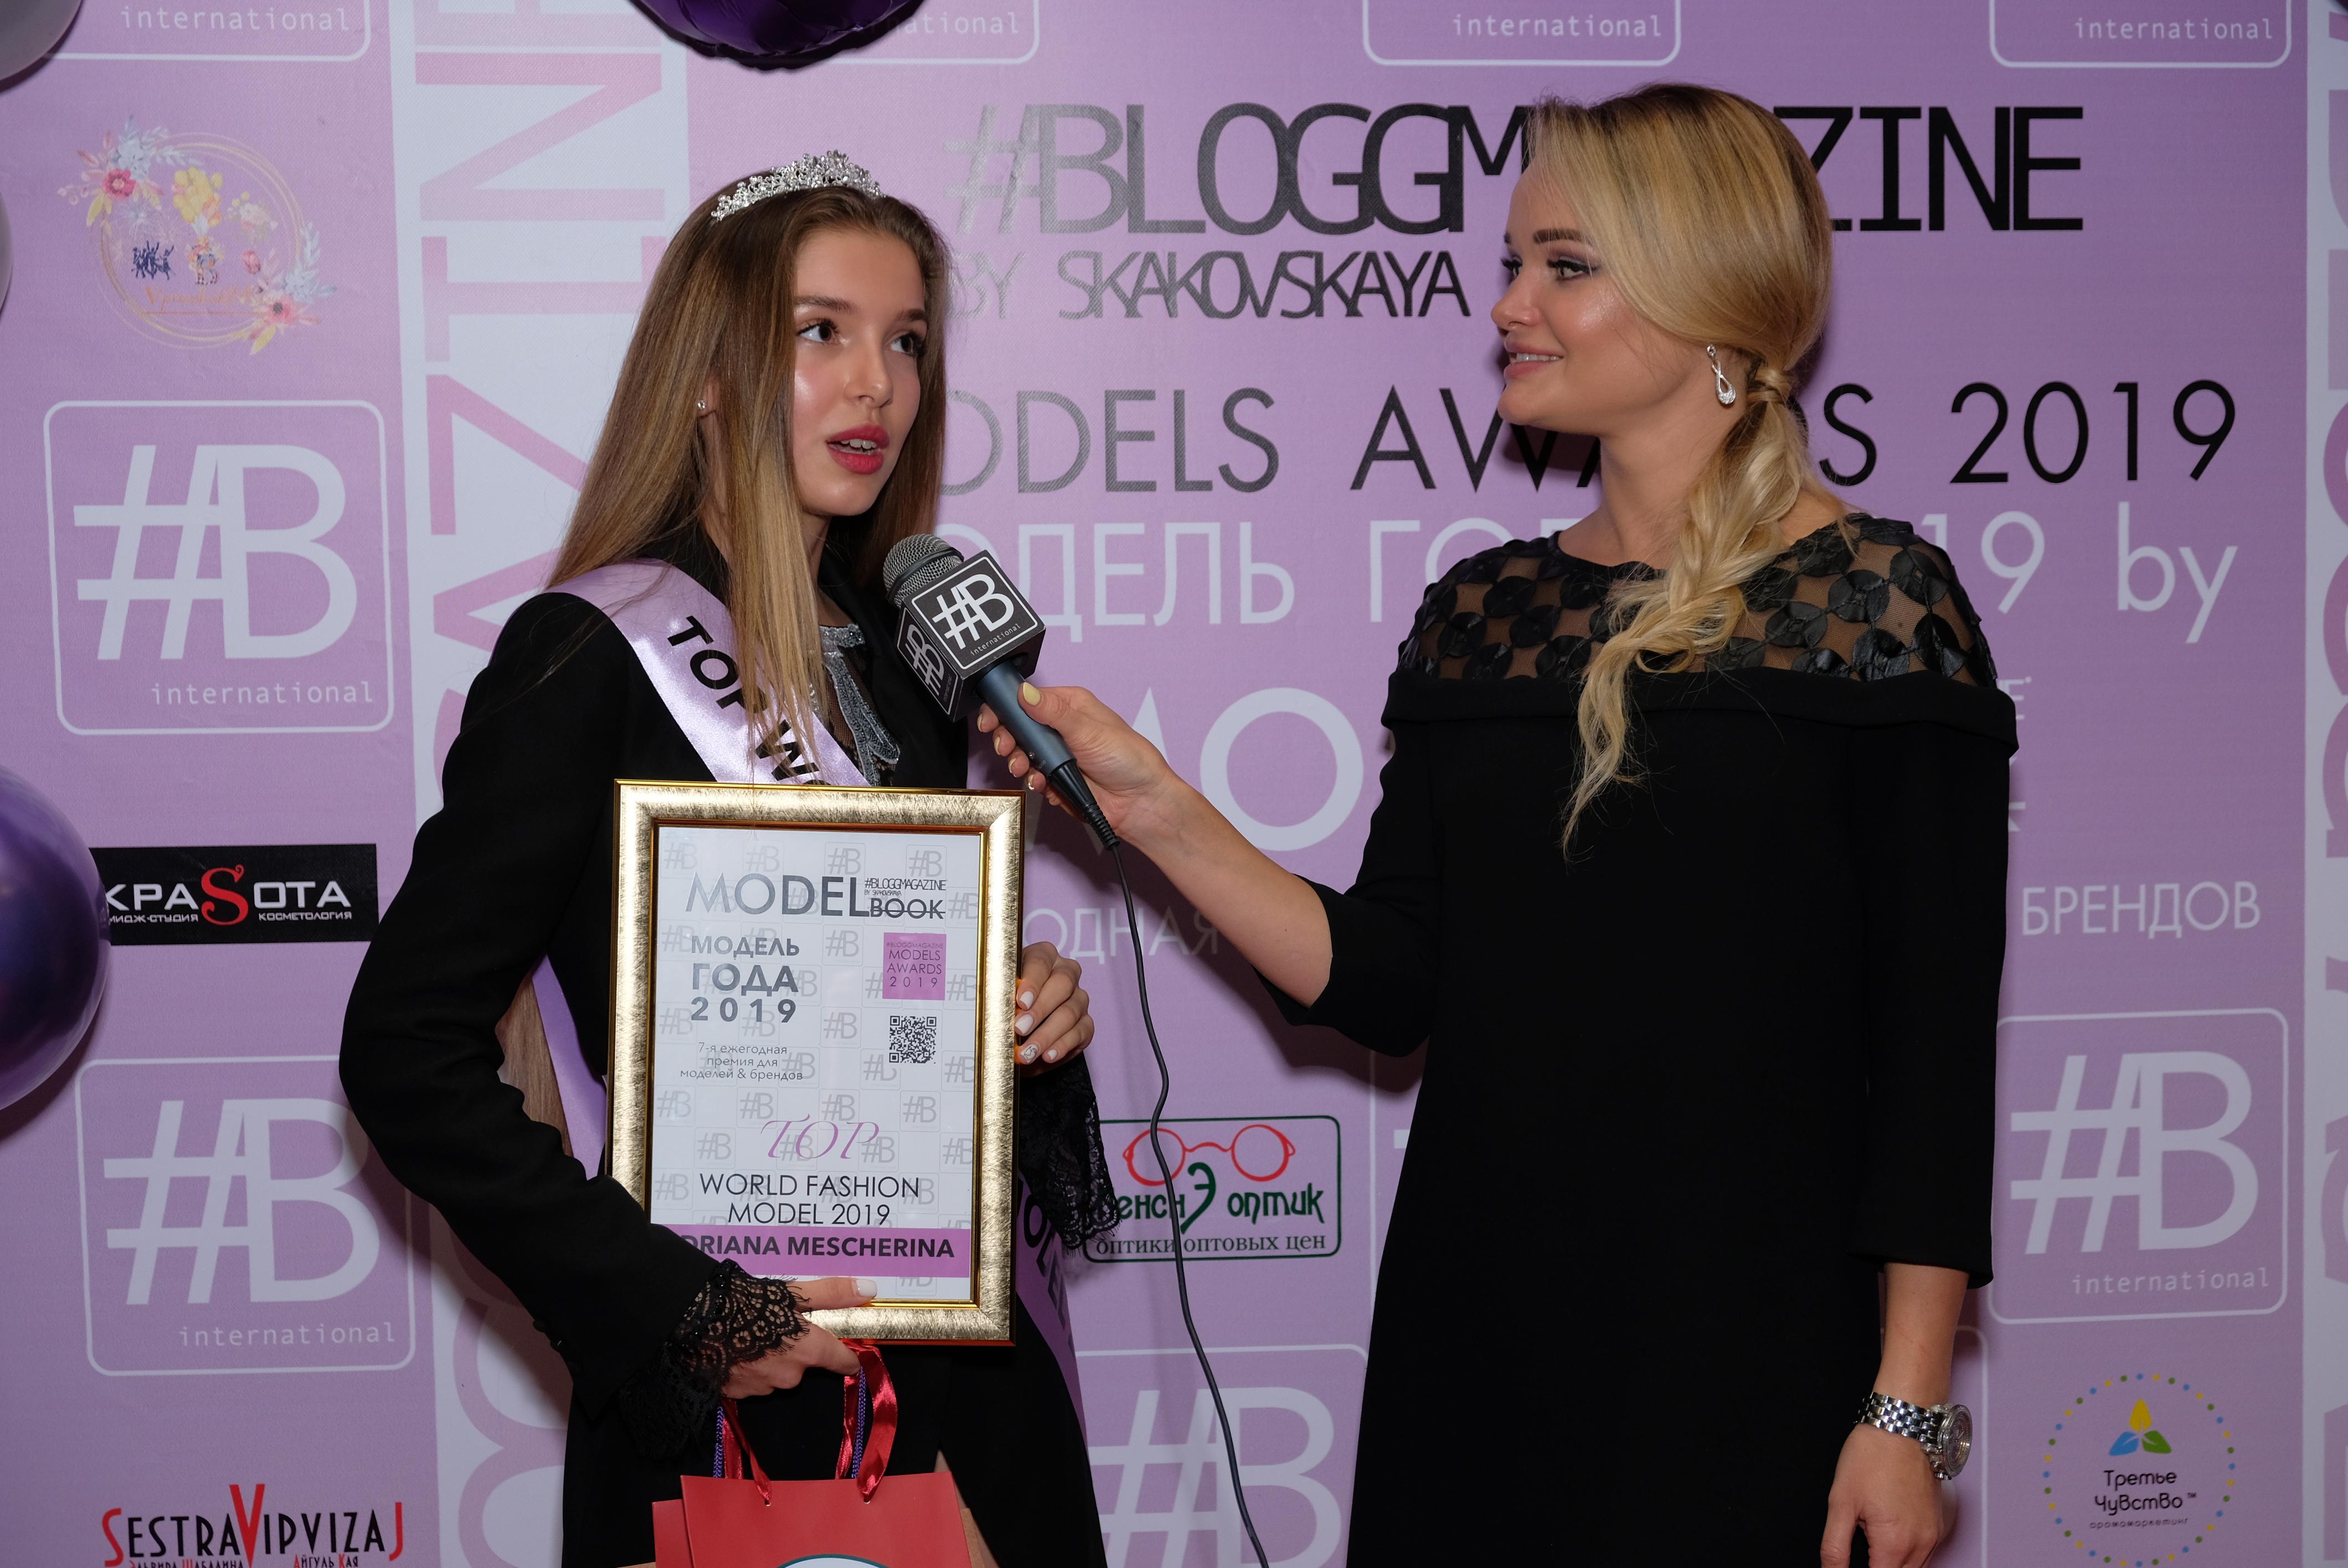 bloggmagazine_models_awards2019_3